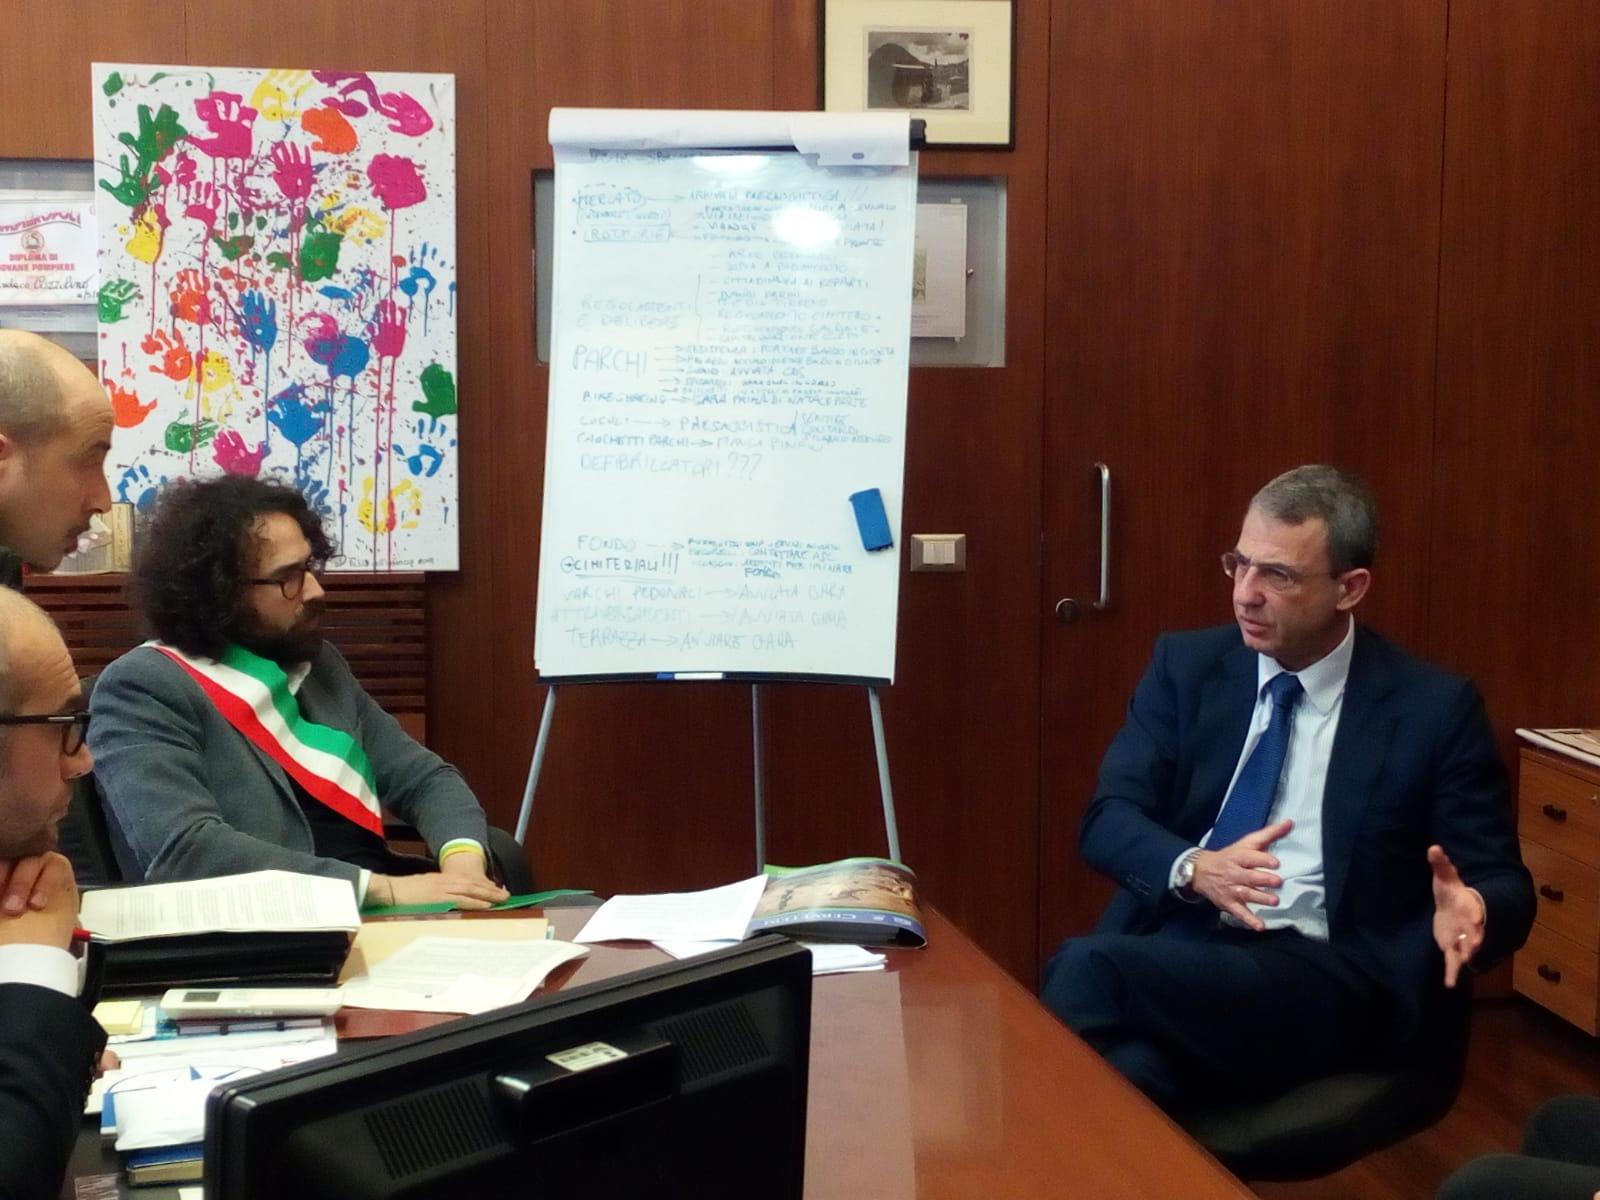 Rifiuti Roma: il sindaco di Cerveteri Pascucci consegna l'appello al ministro Costa